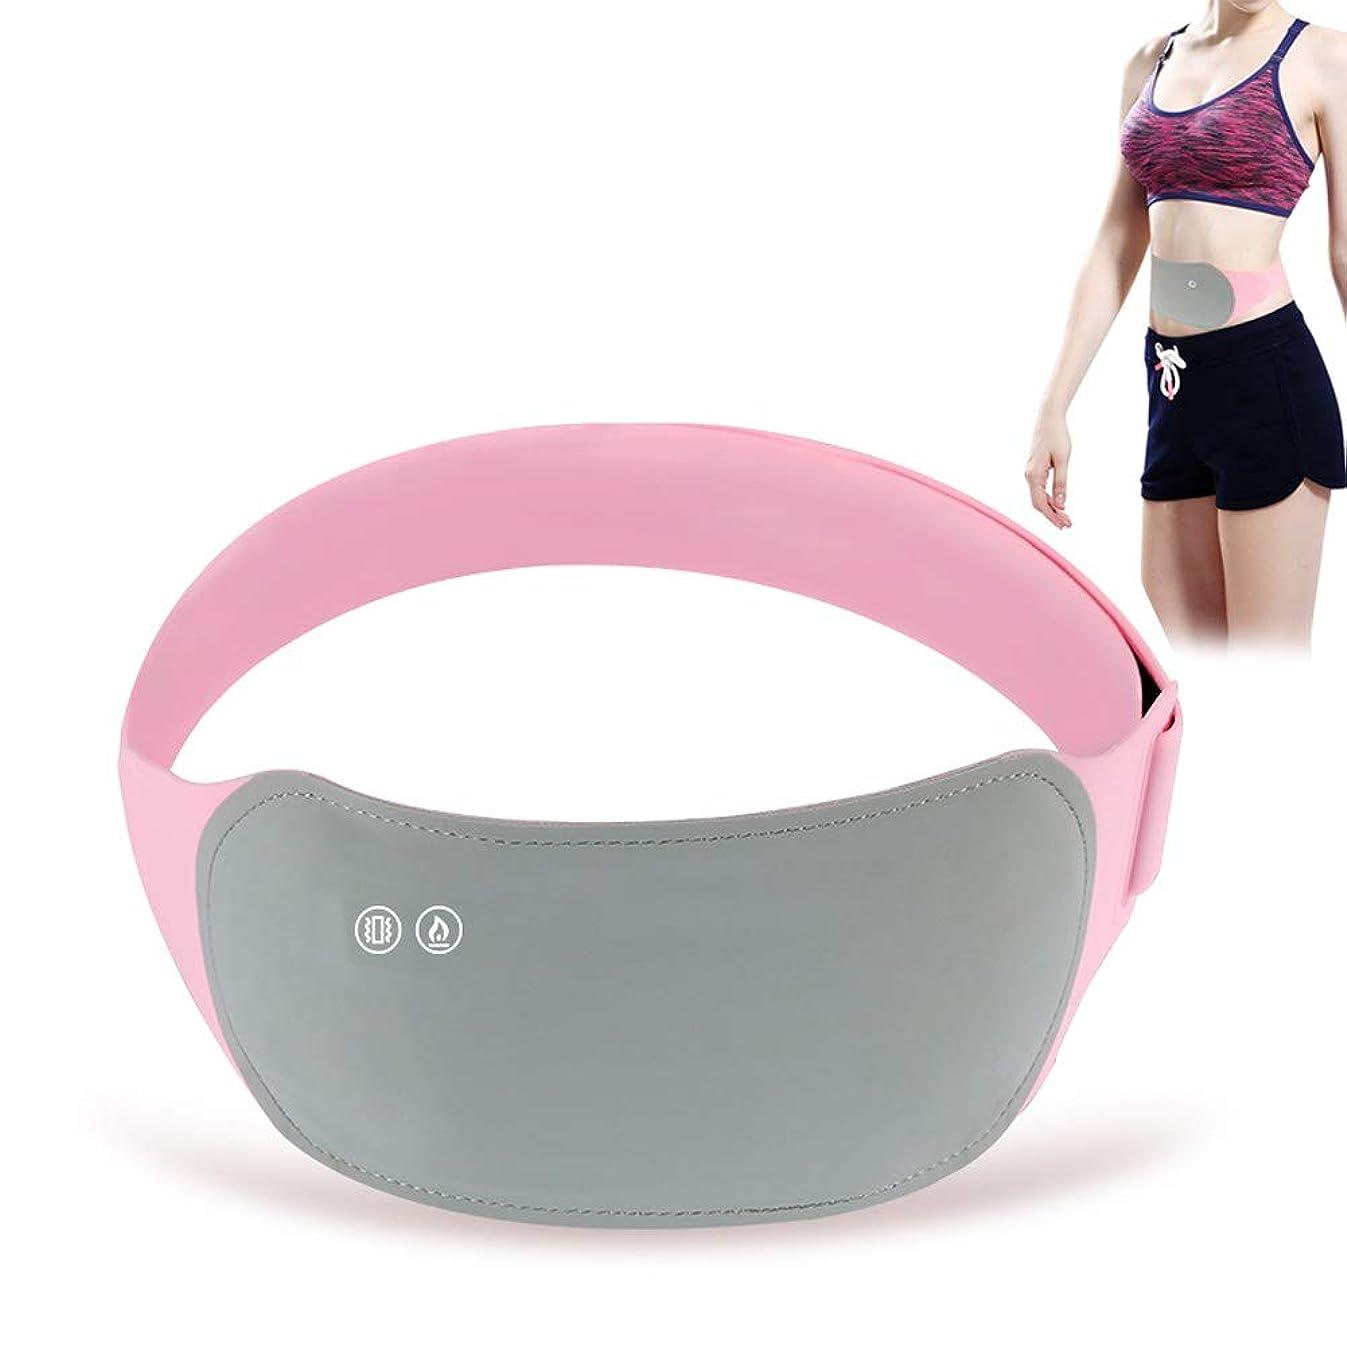 あさりハンマー確立減量ベルト減量機調節可能な振動マッサージ穏やかな熱い腹脂肪バーナーで女性のための消化/背中/腰/腕/脚/太もも/肩を促進しますGrey